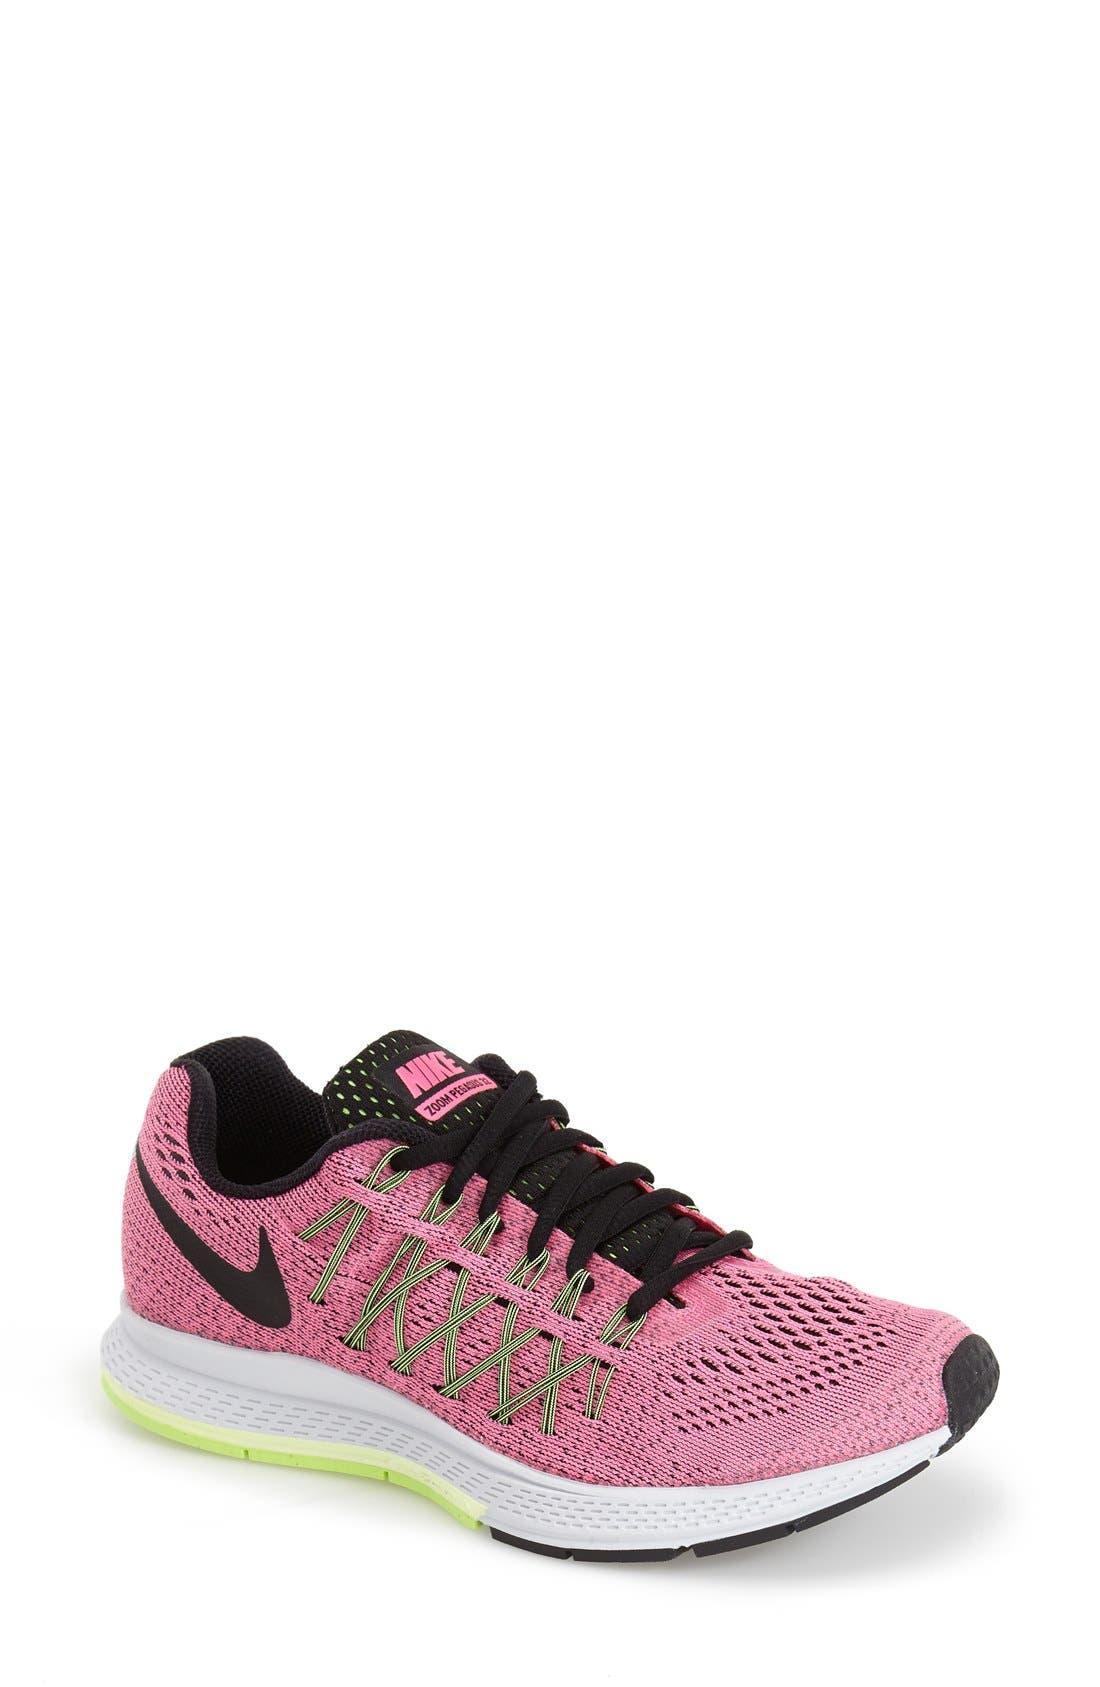 Main Image - Nike 'Zoom Pegasus 32' Running Shoe (Women)